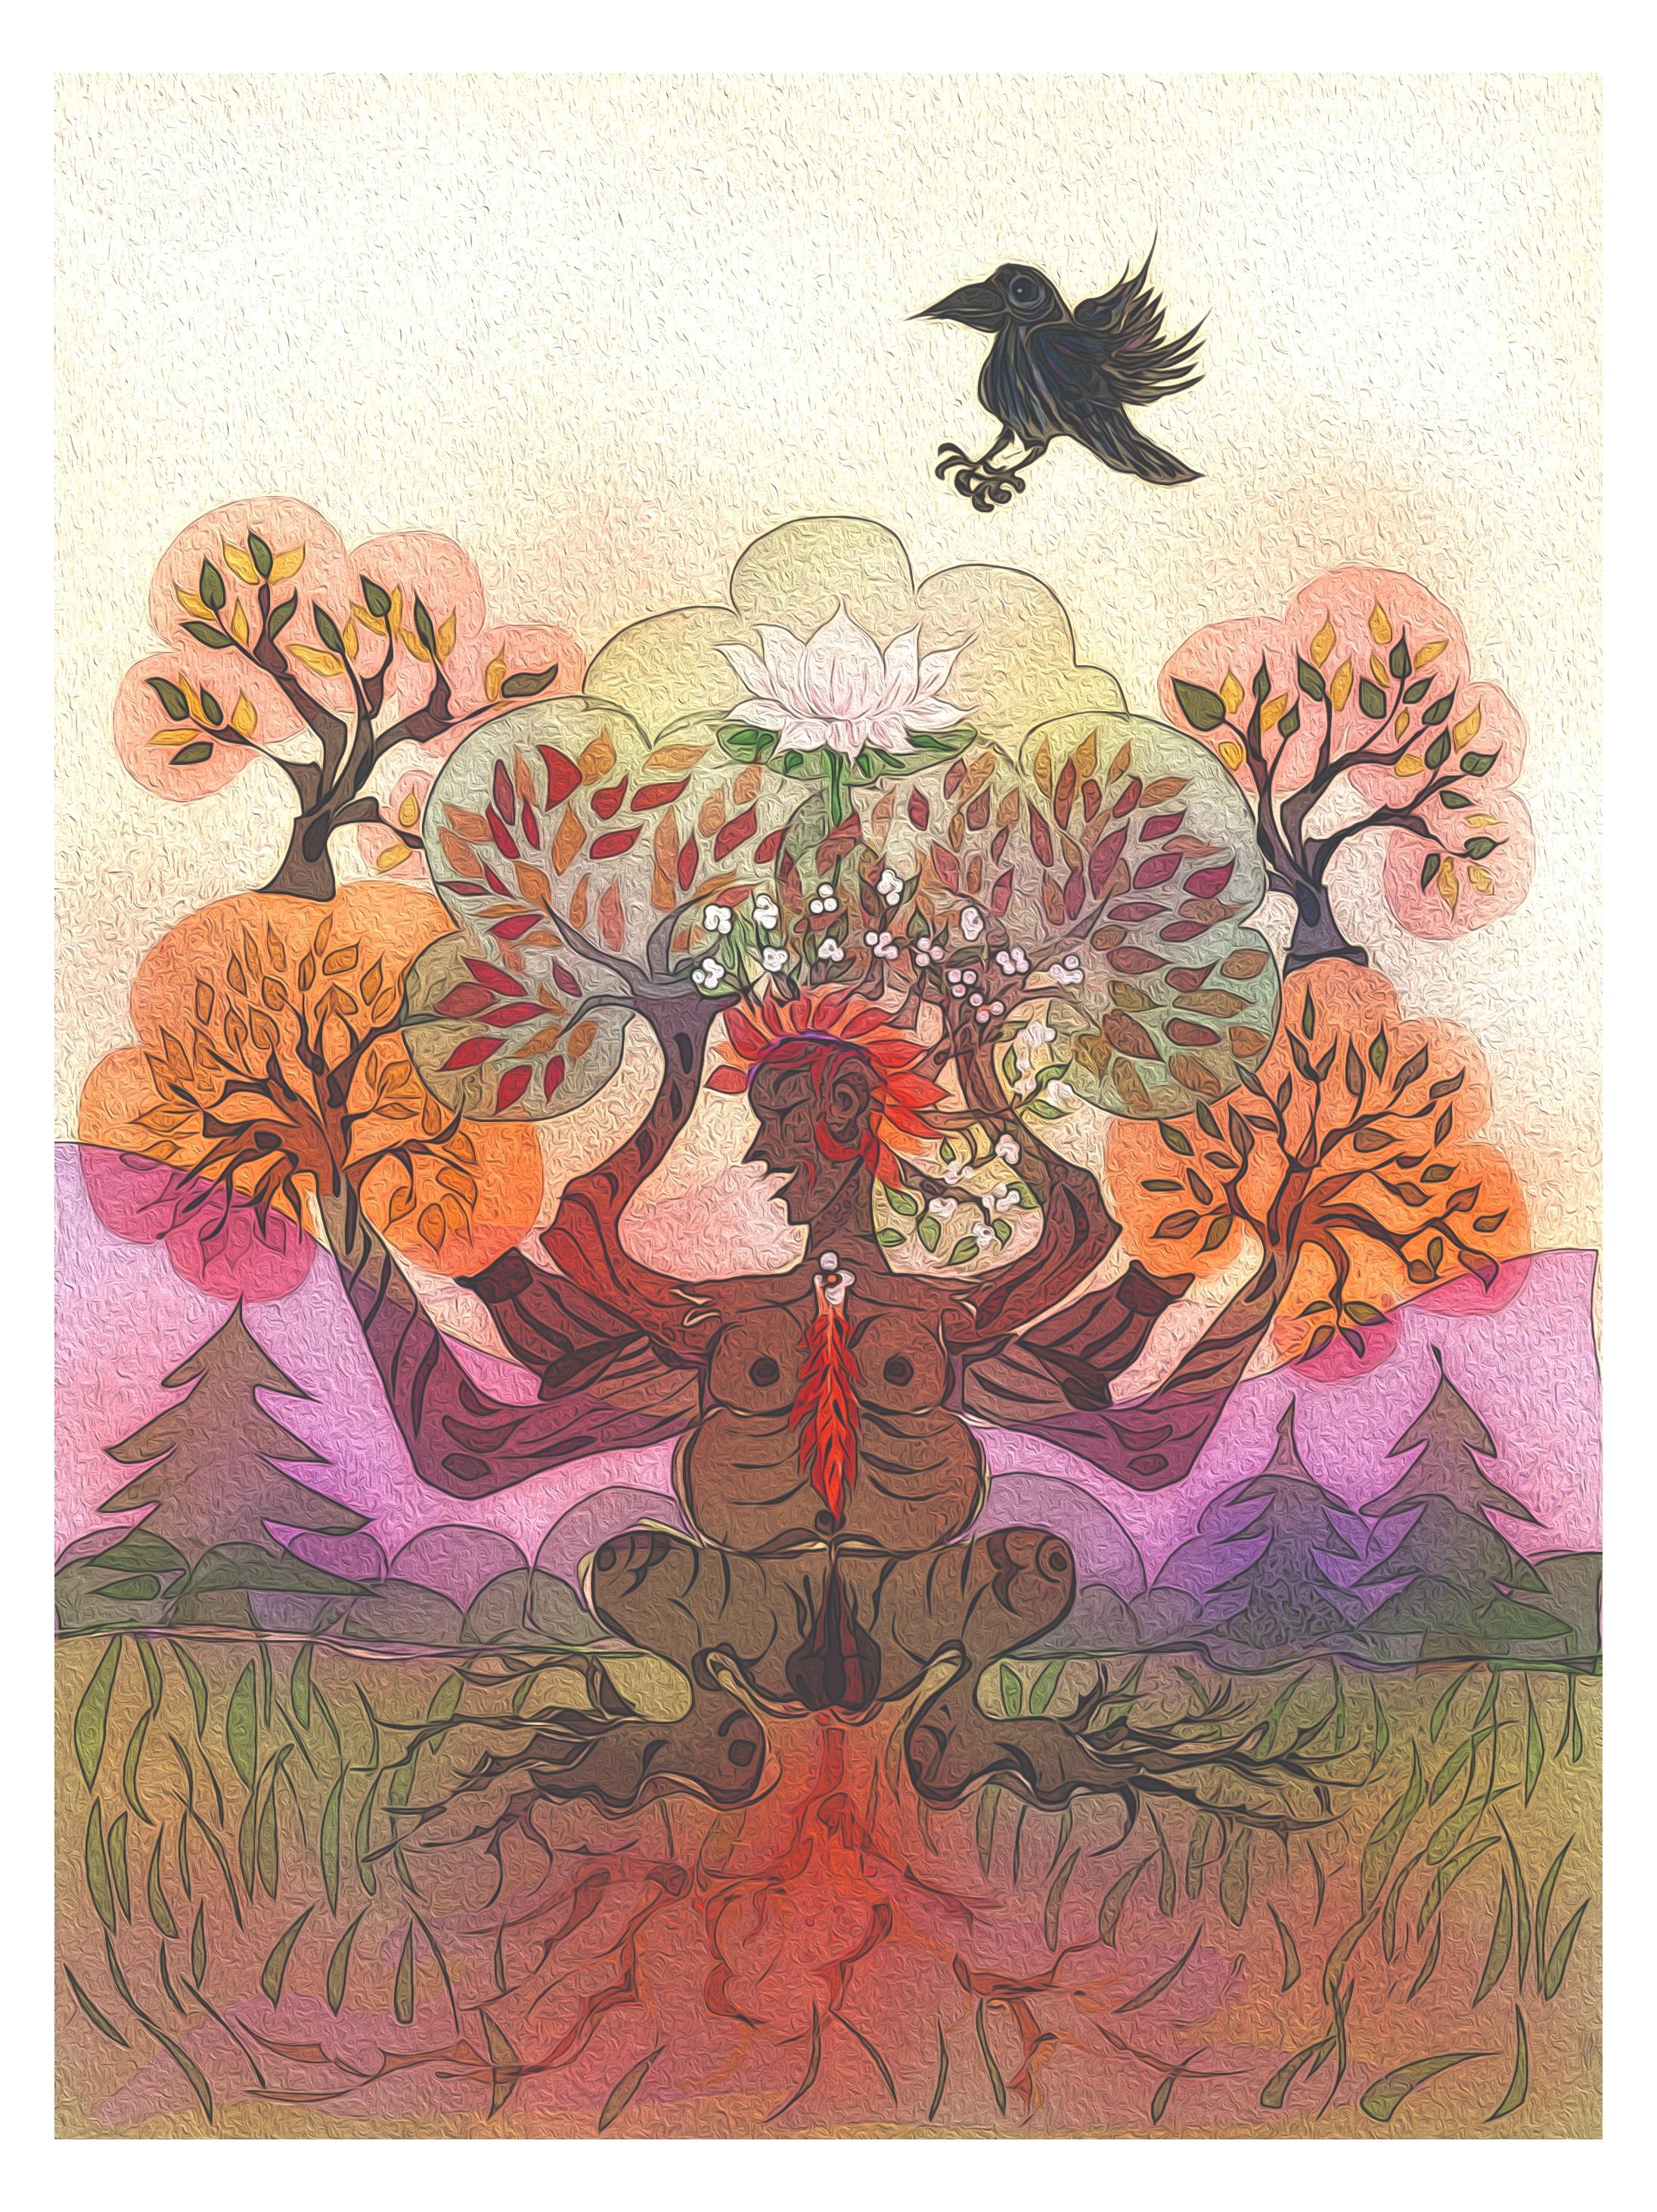 Kali Gives Birth II